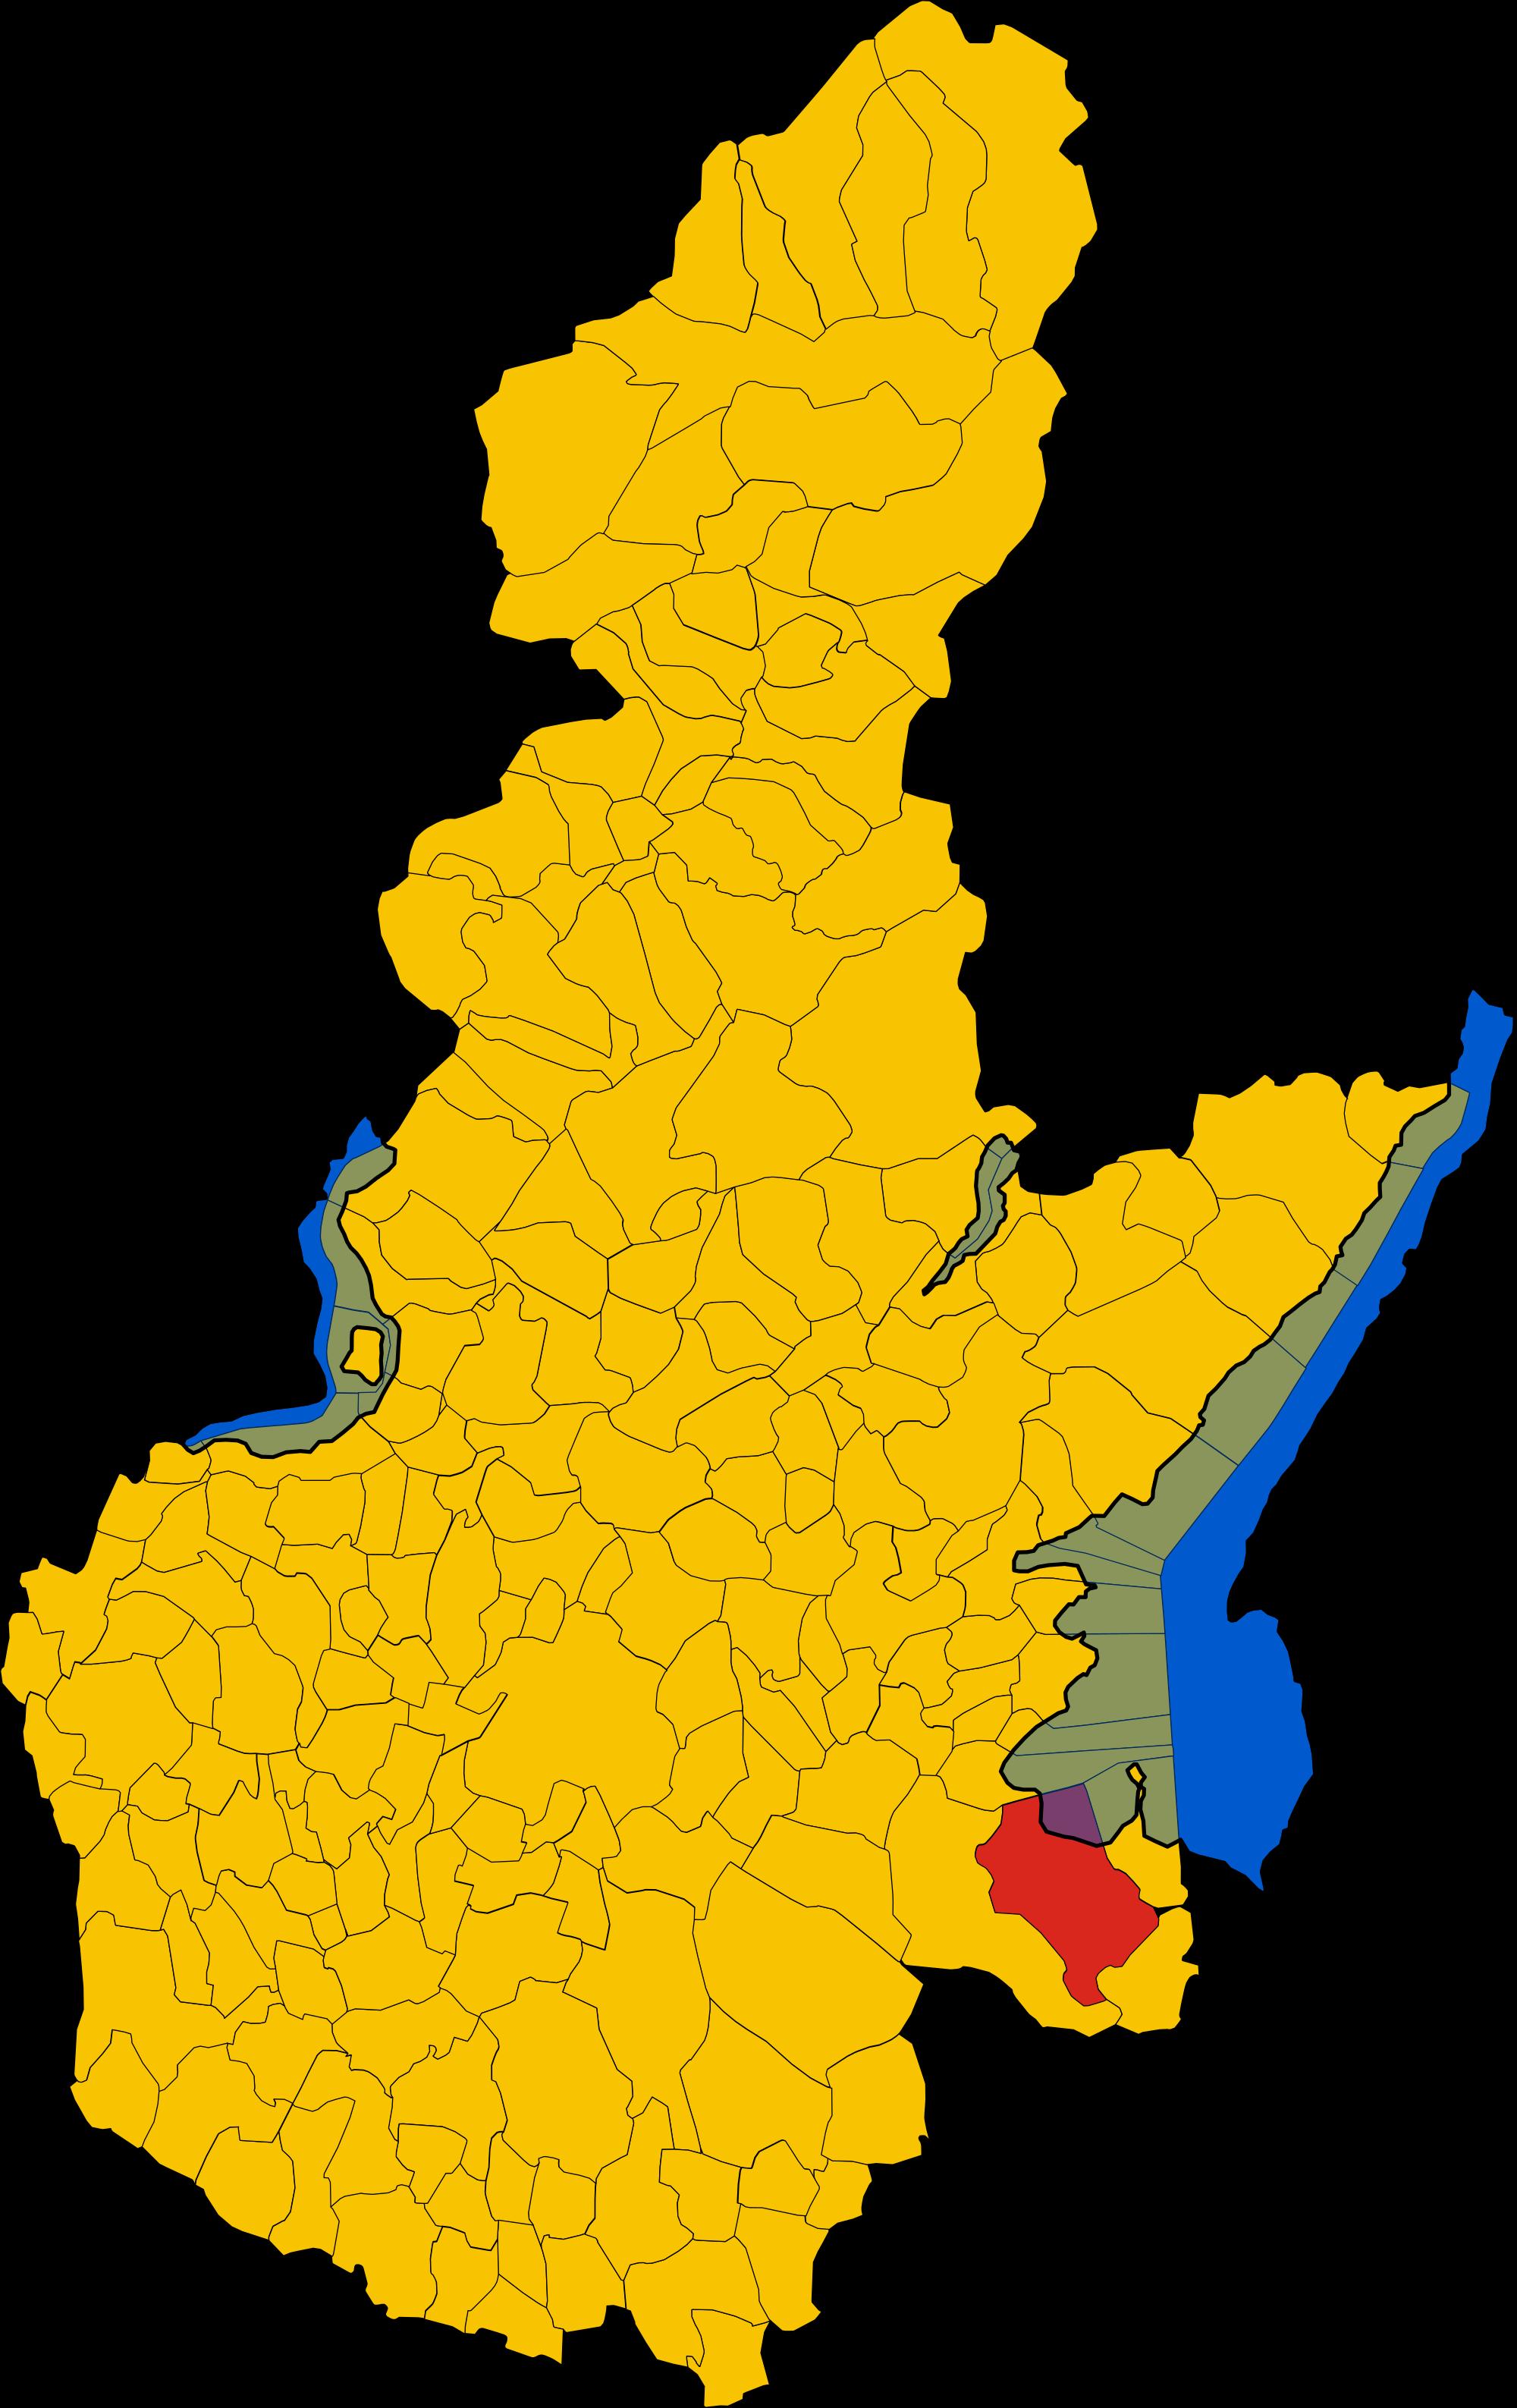 File:Map of comune of Desenzano del Garda (province of Brescia.